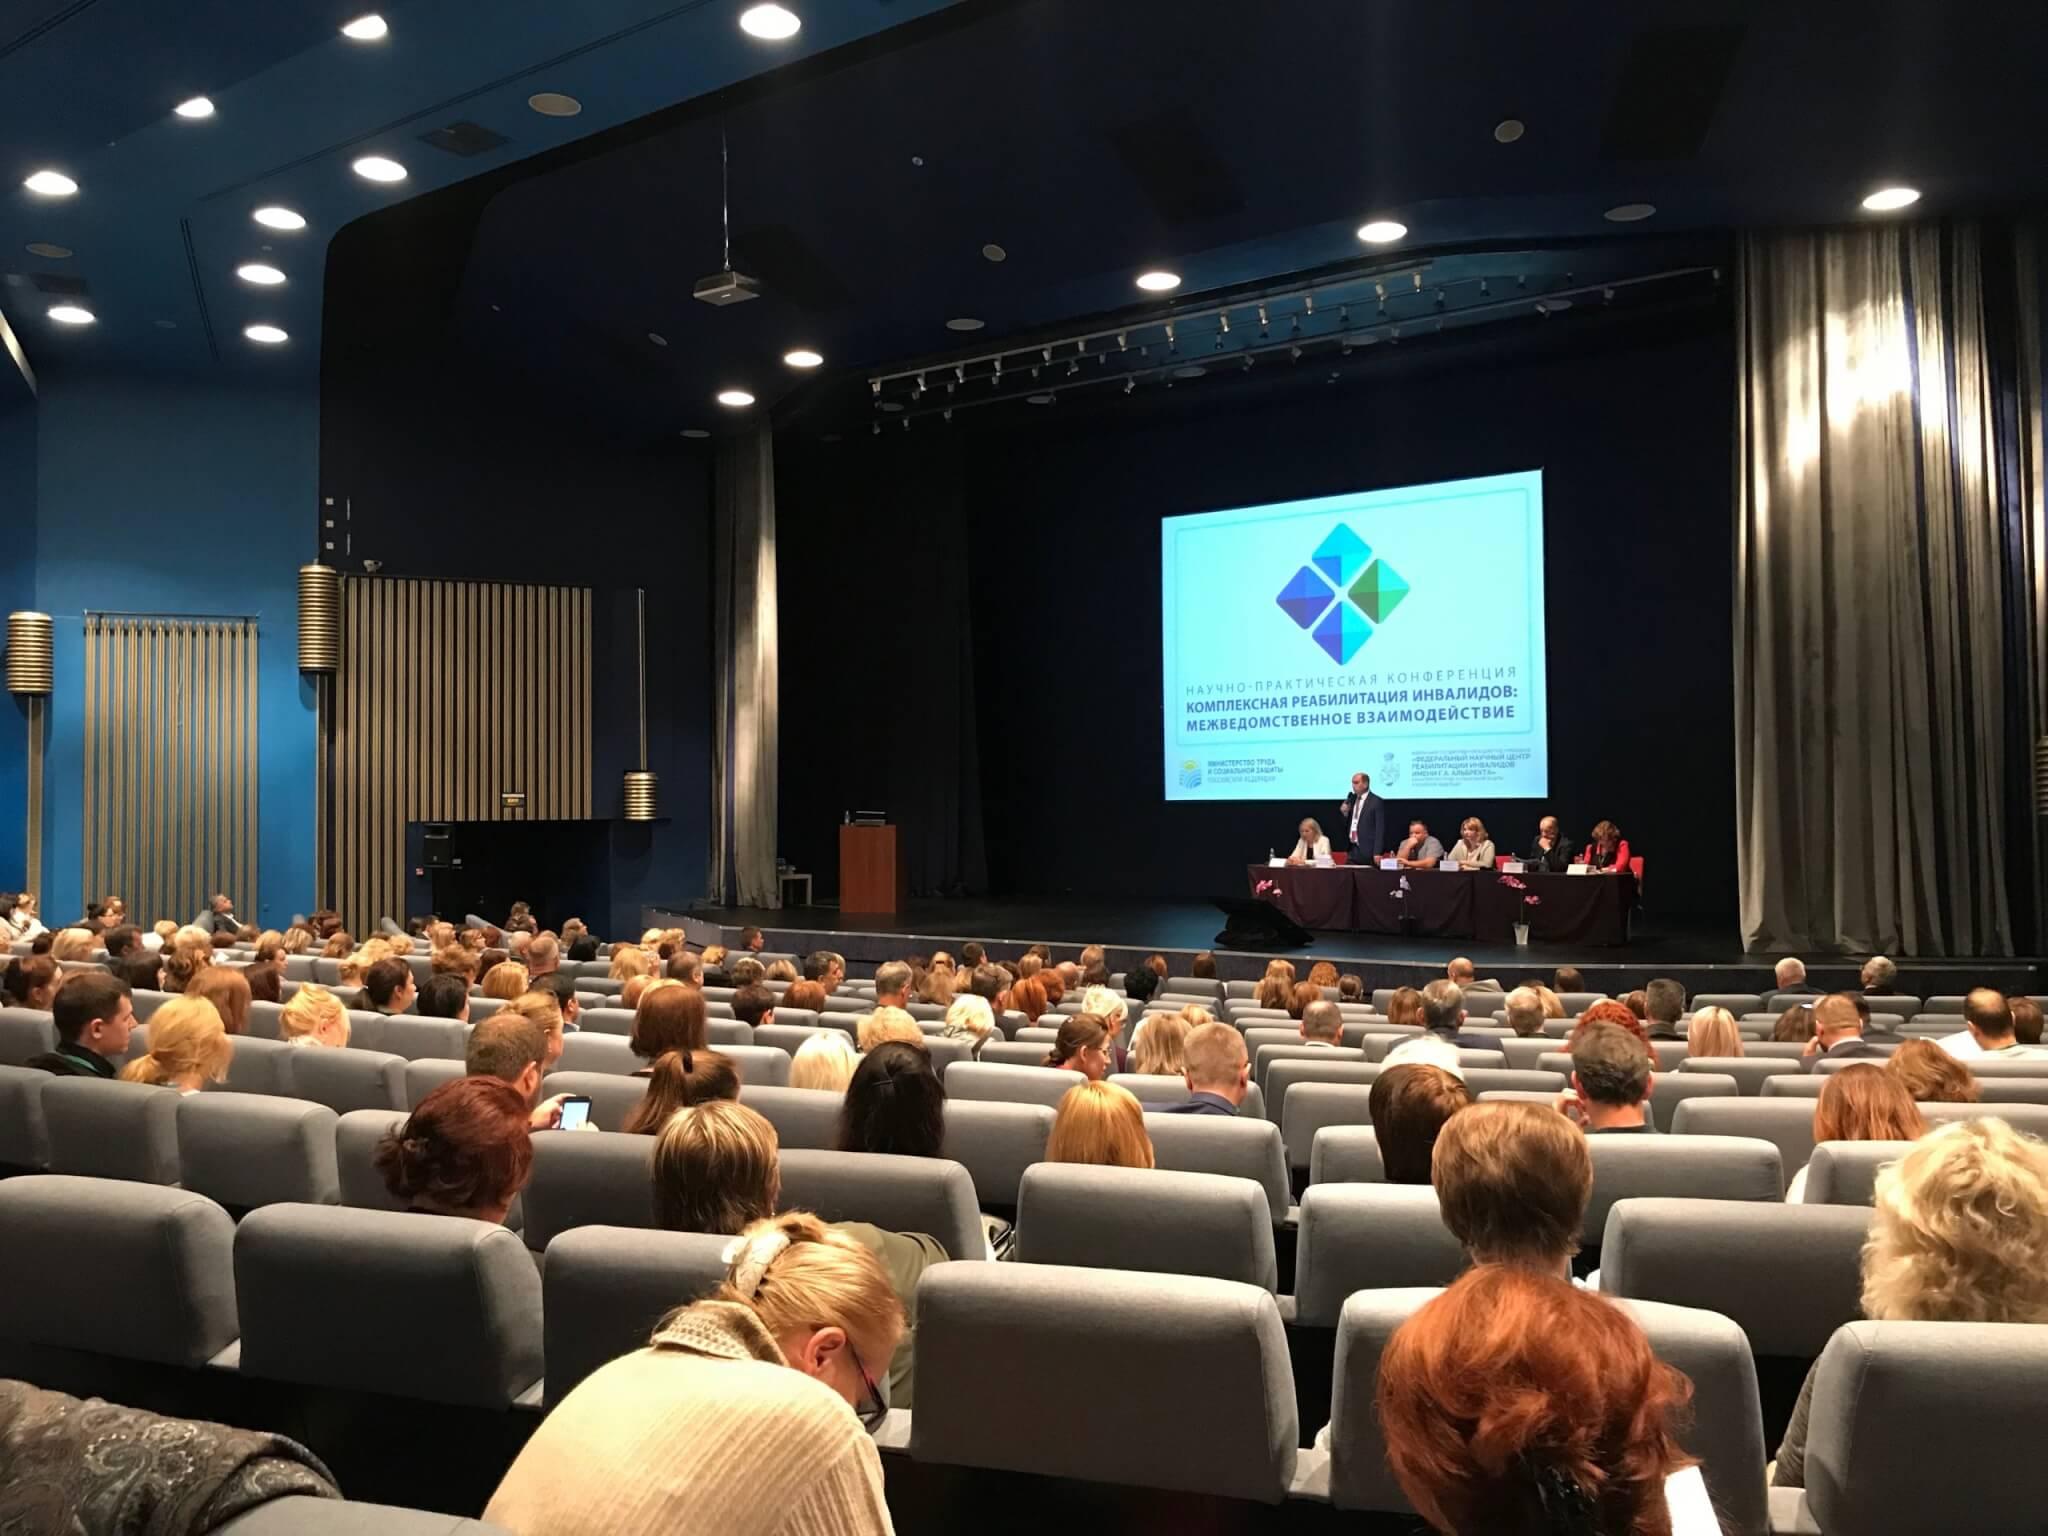 Специалисты Кубани в Петербурге приняли участие в конференции по ранней помощи